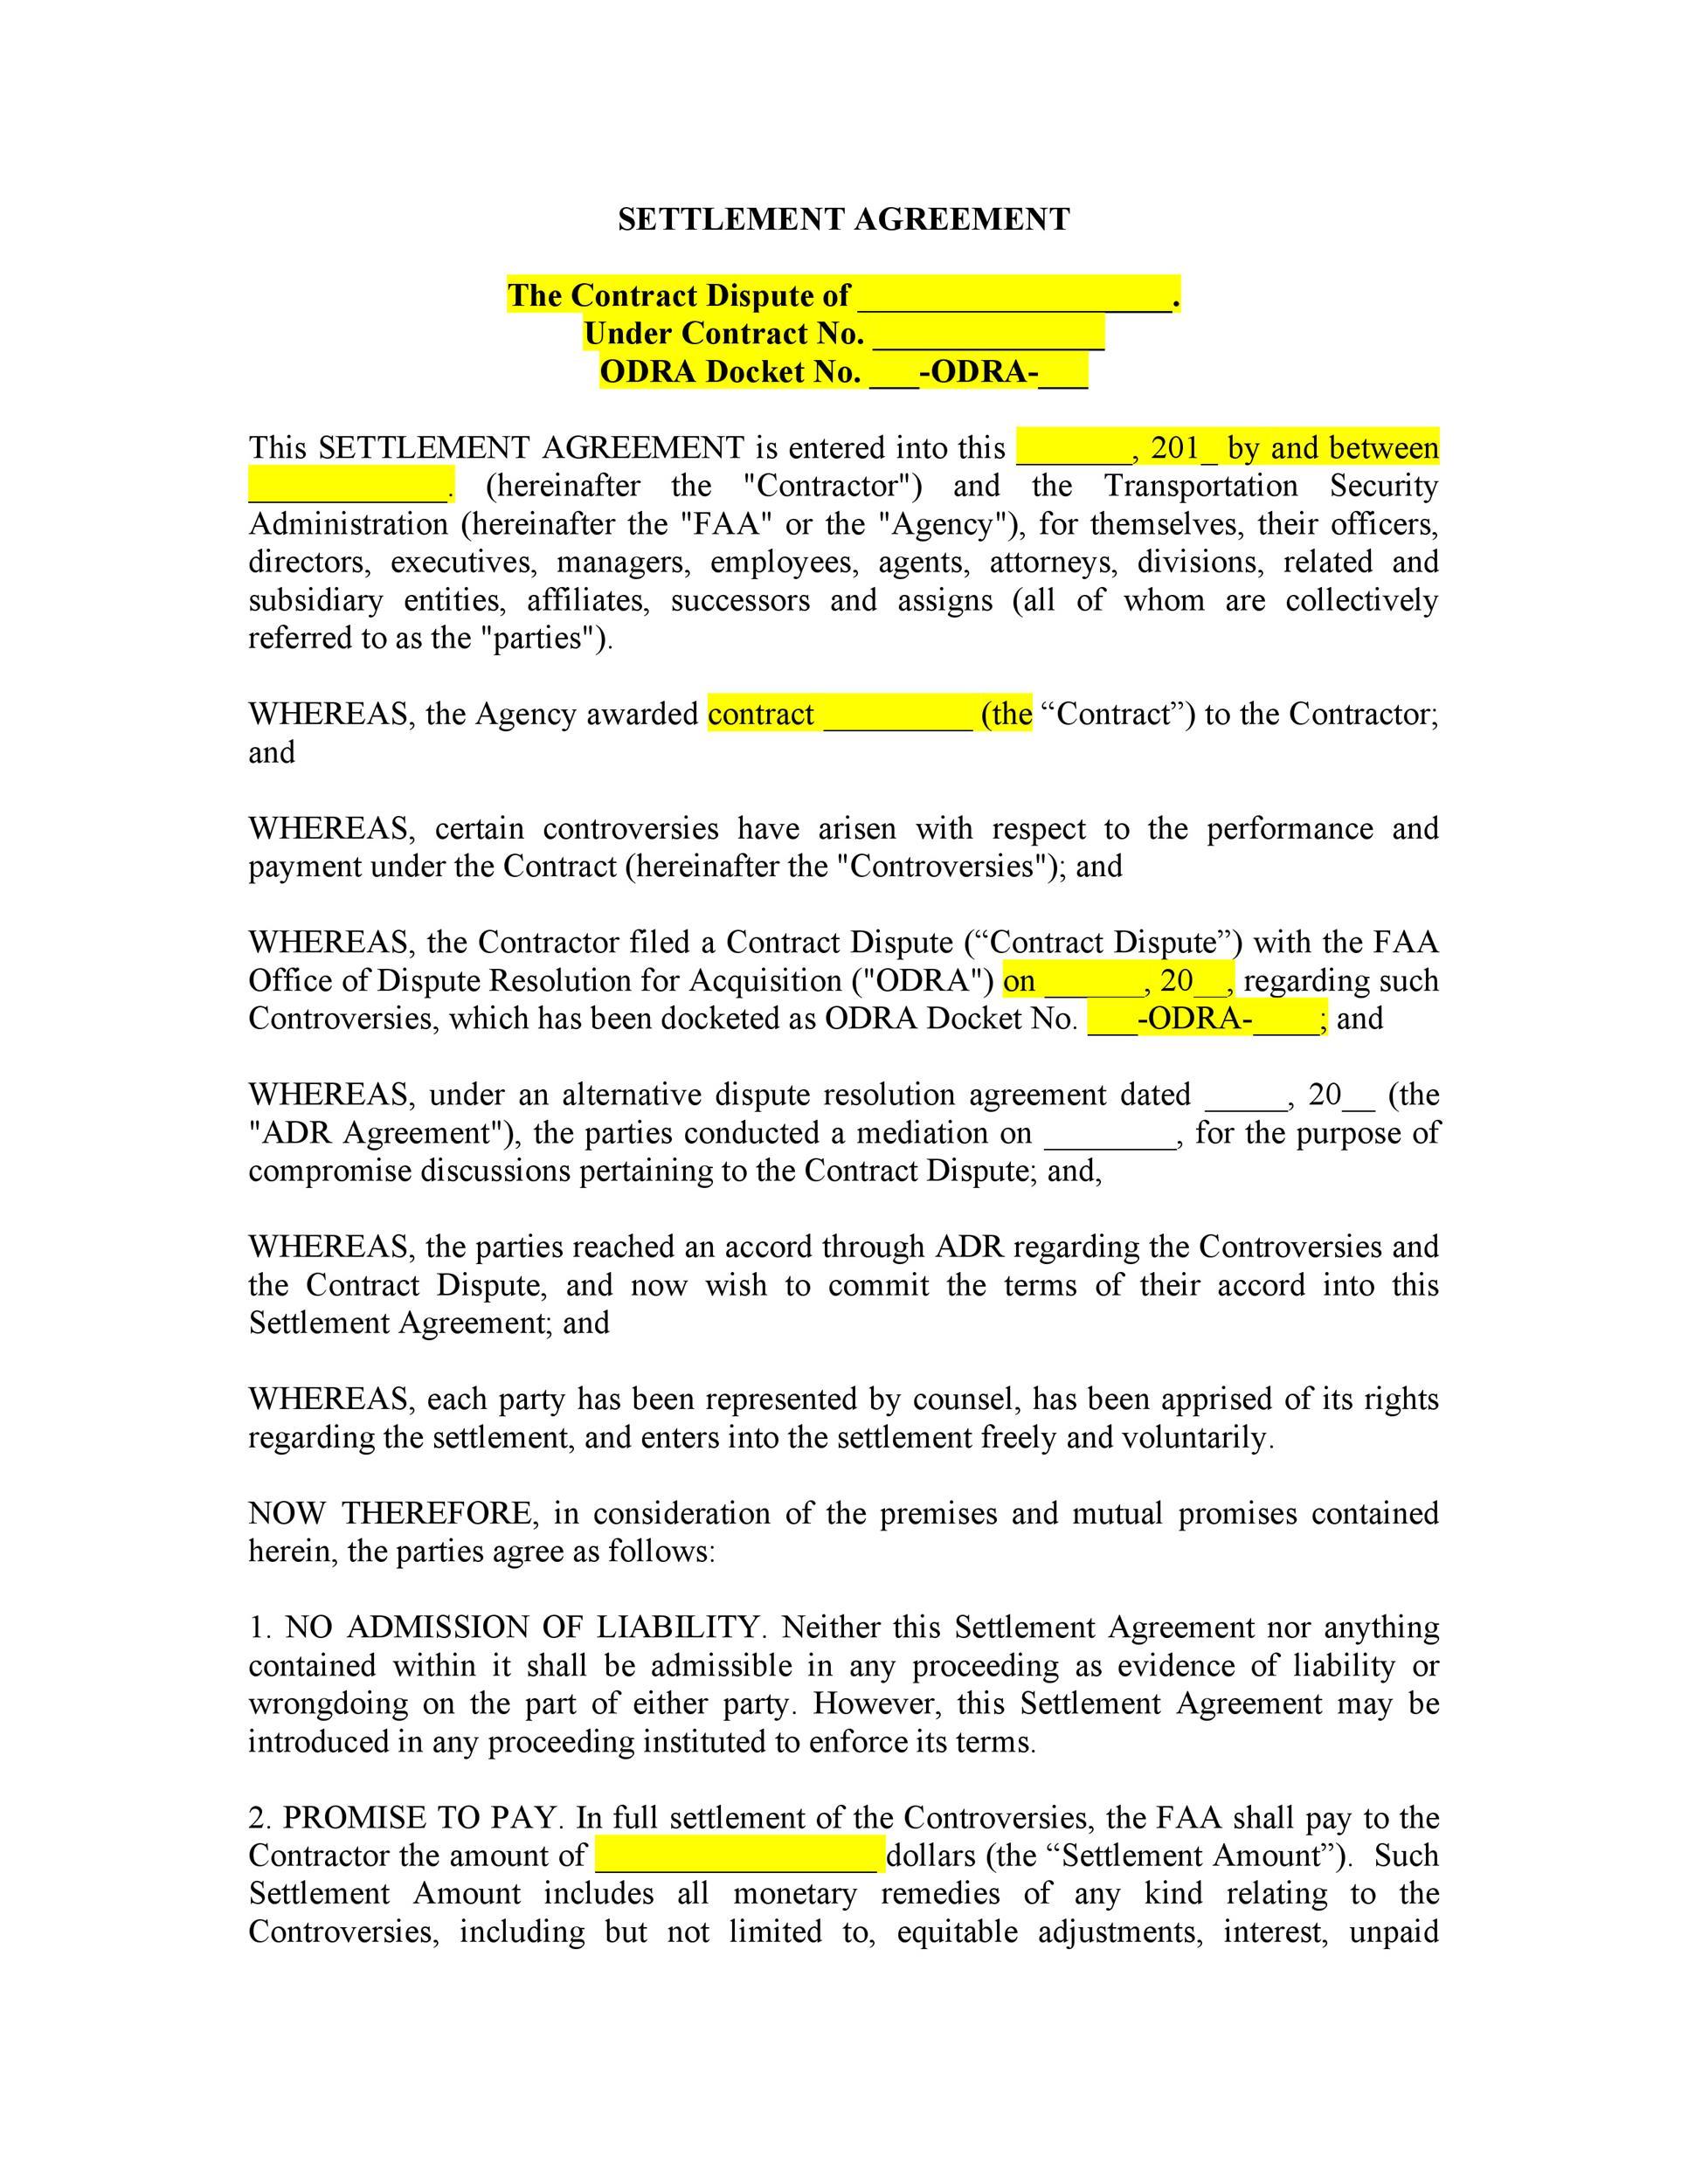 Free settlement agreement 01